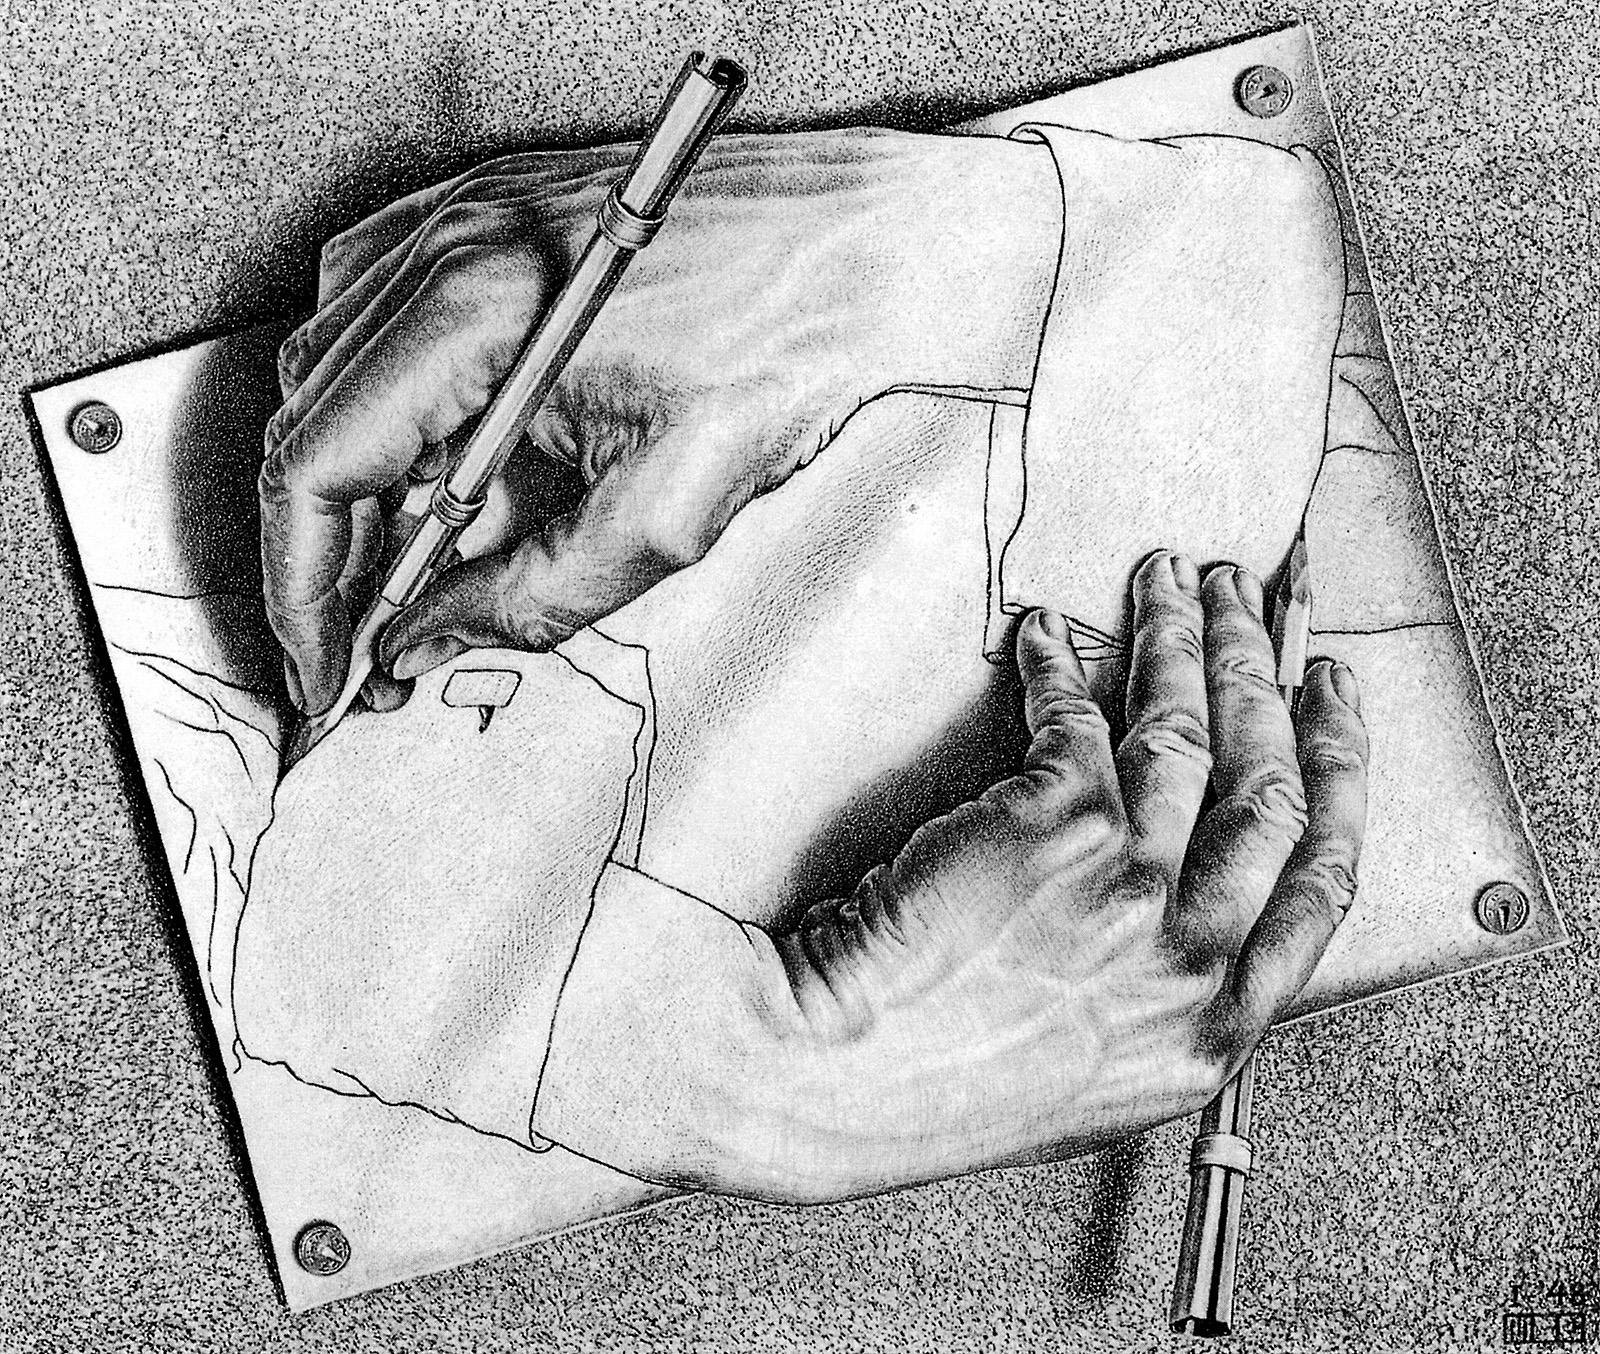 M c escher drawing hands artists that inspire for Mc escher gallery